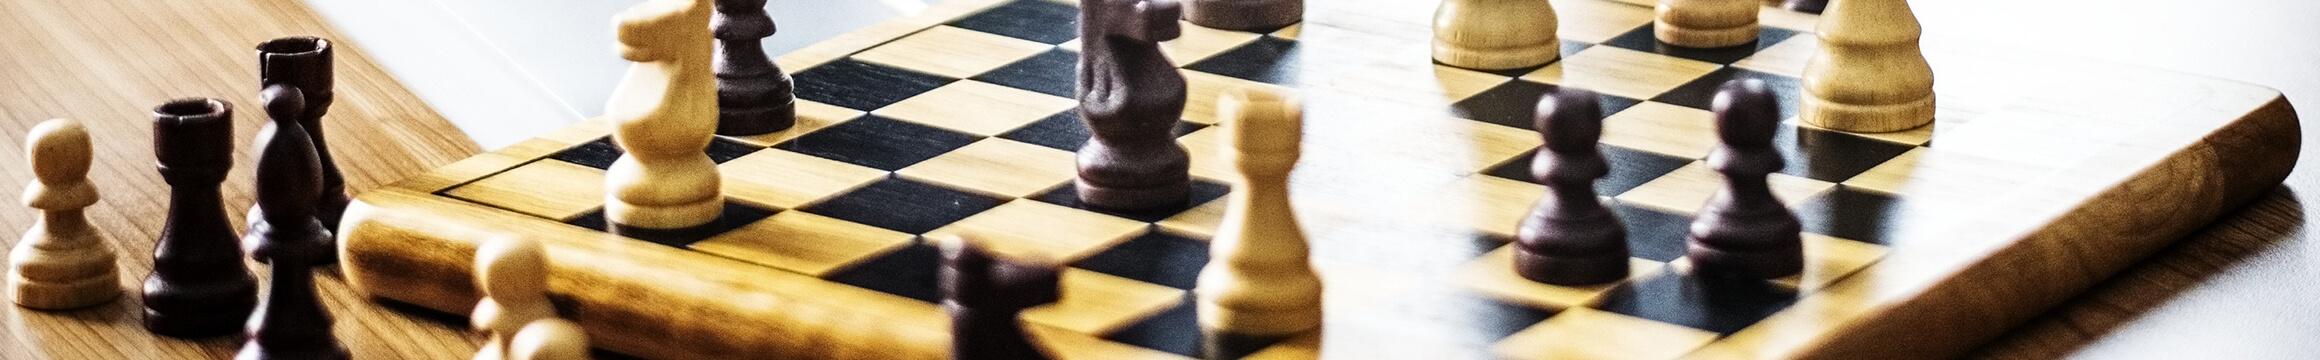 Chess 01